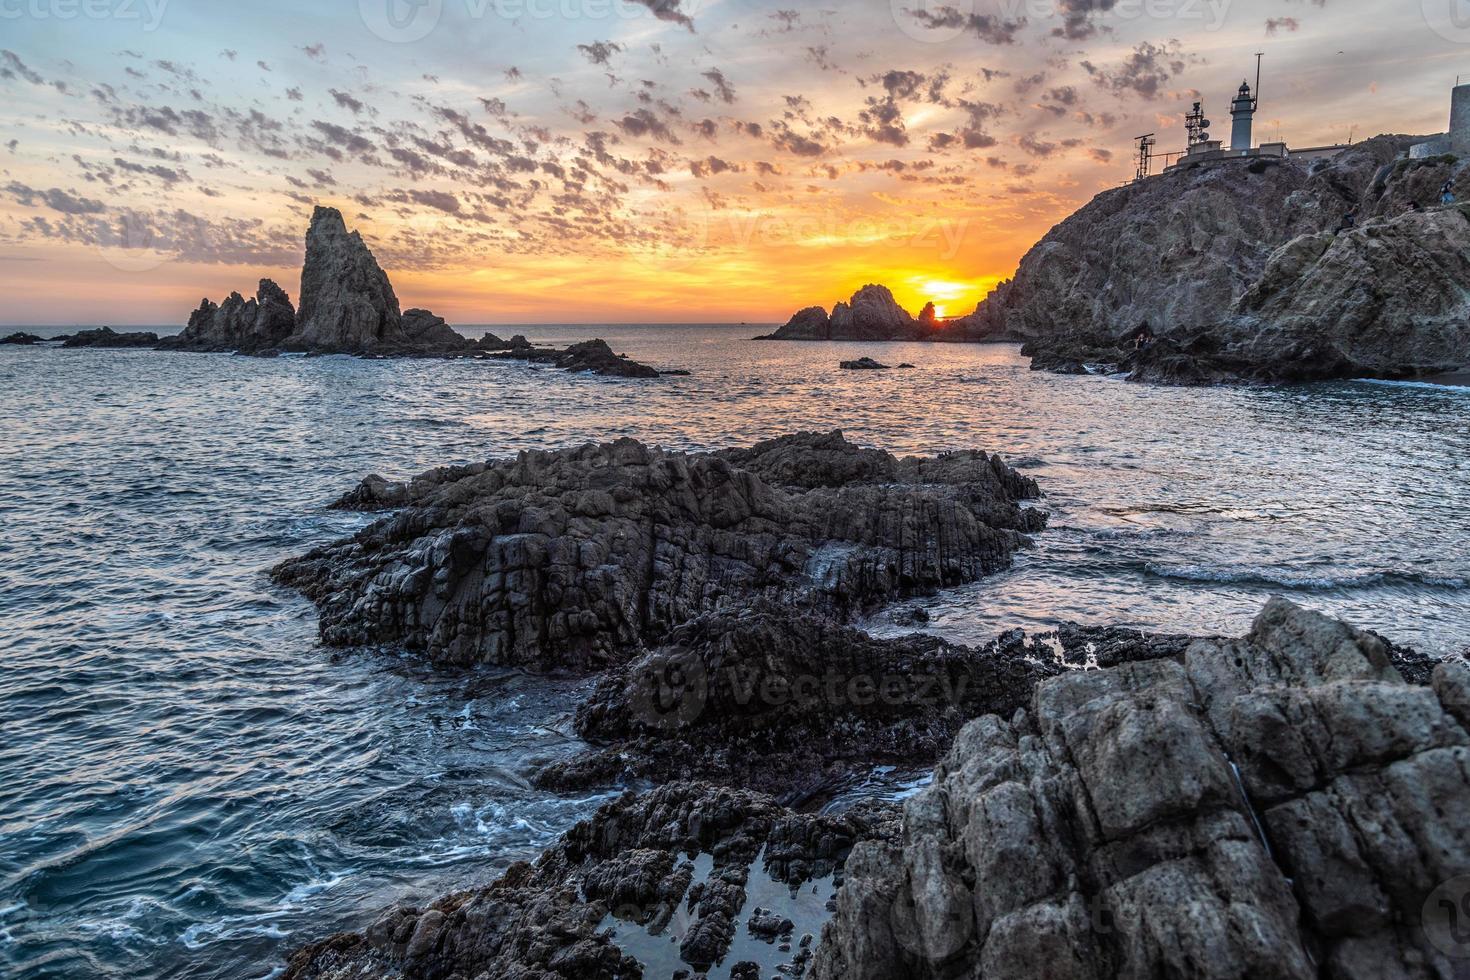 solnedgång på en vacker kust foto